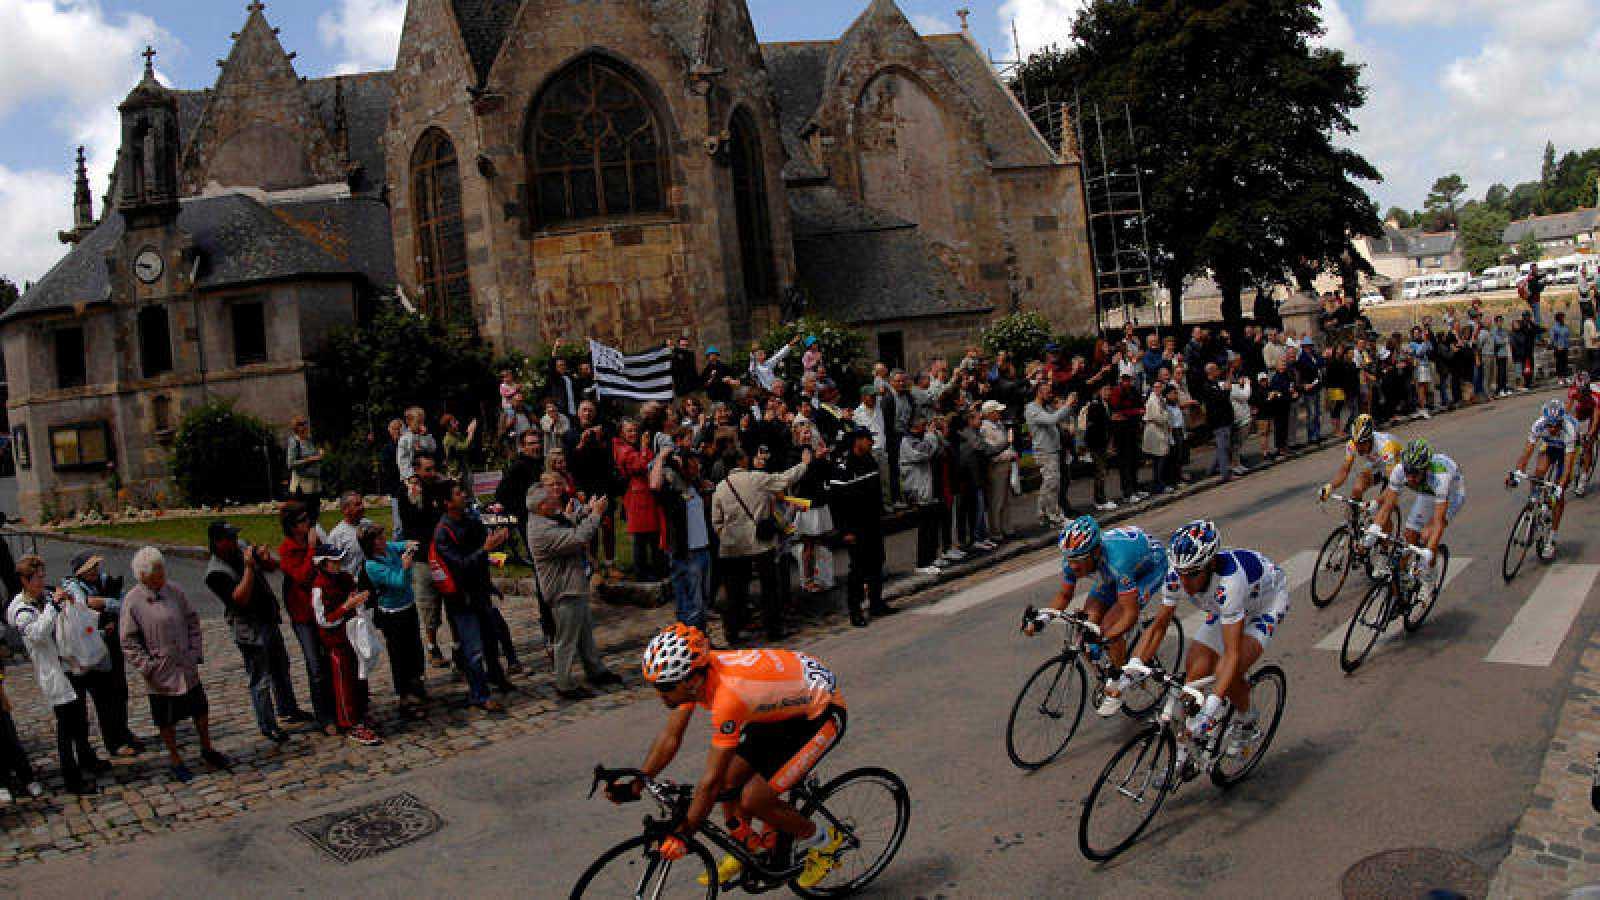 Un grupo de aficionados con una bandera bretona al paso de los ciclistas por delante de una iglesia durante el Tour 2008